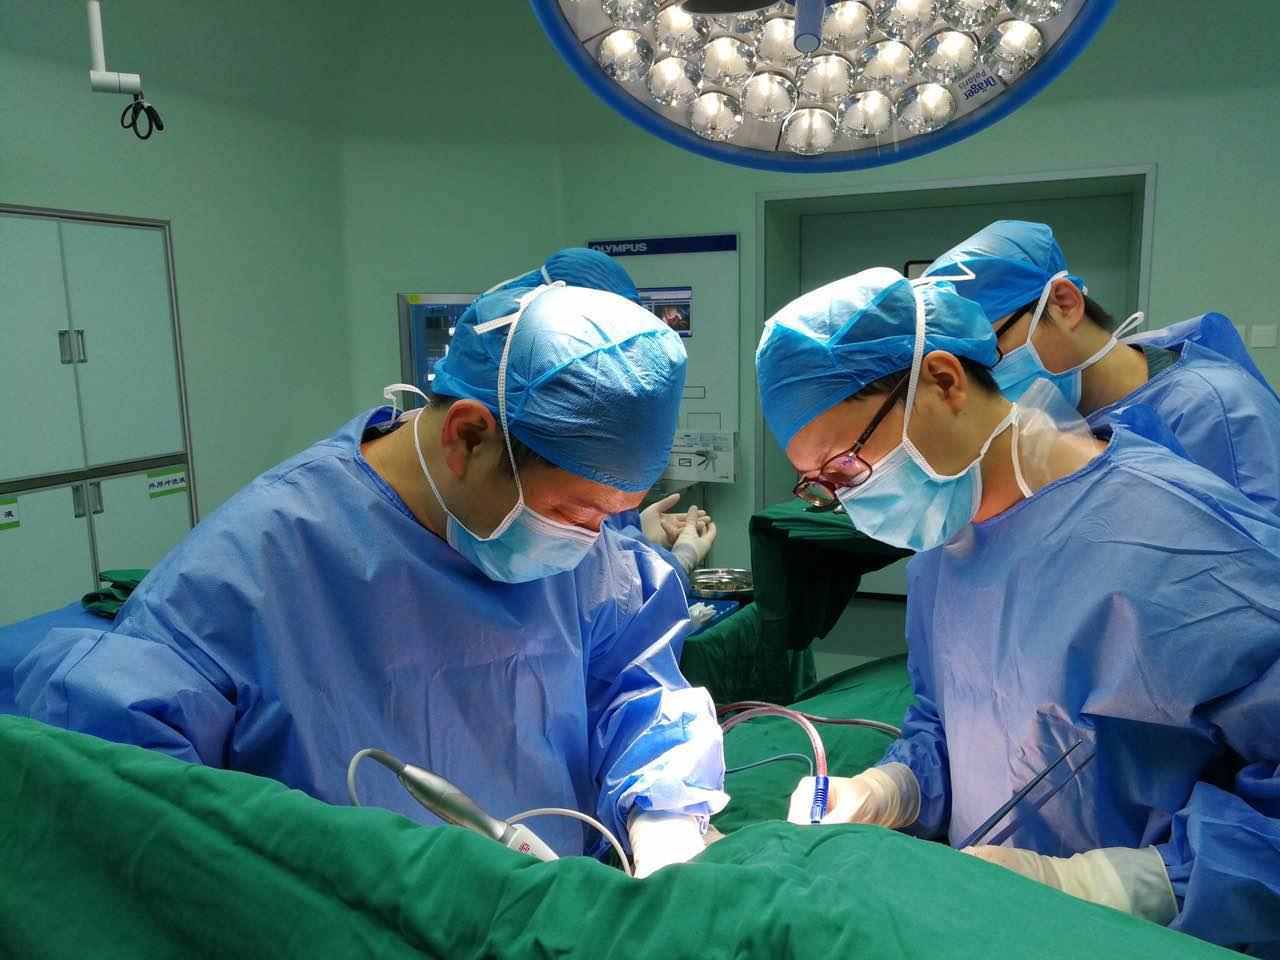 罕见!38岁男子胸腔内长肿瘤 直径22厘米巨大如足球